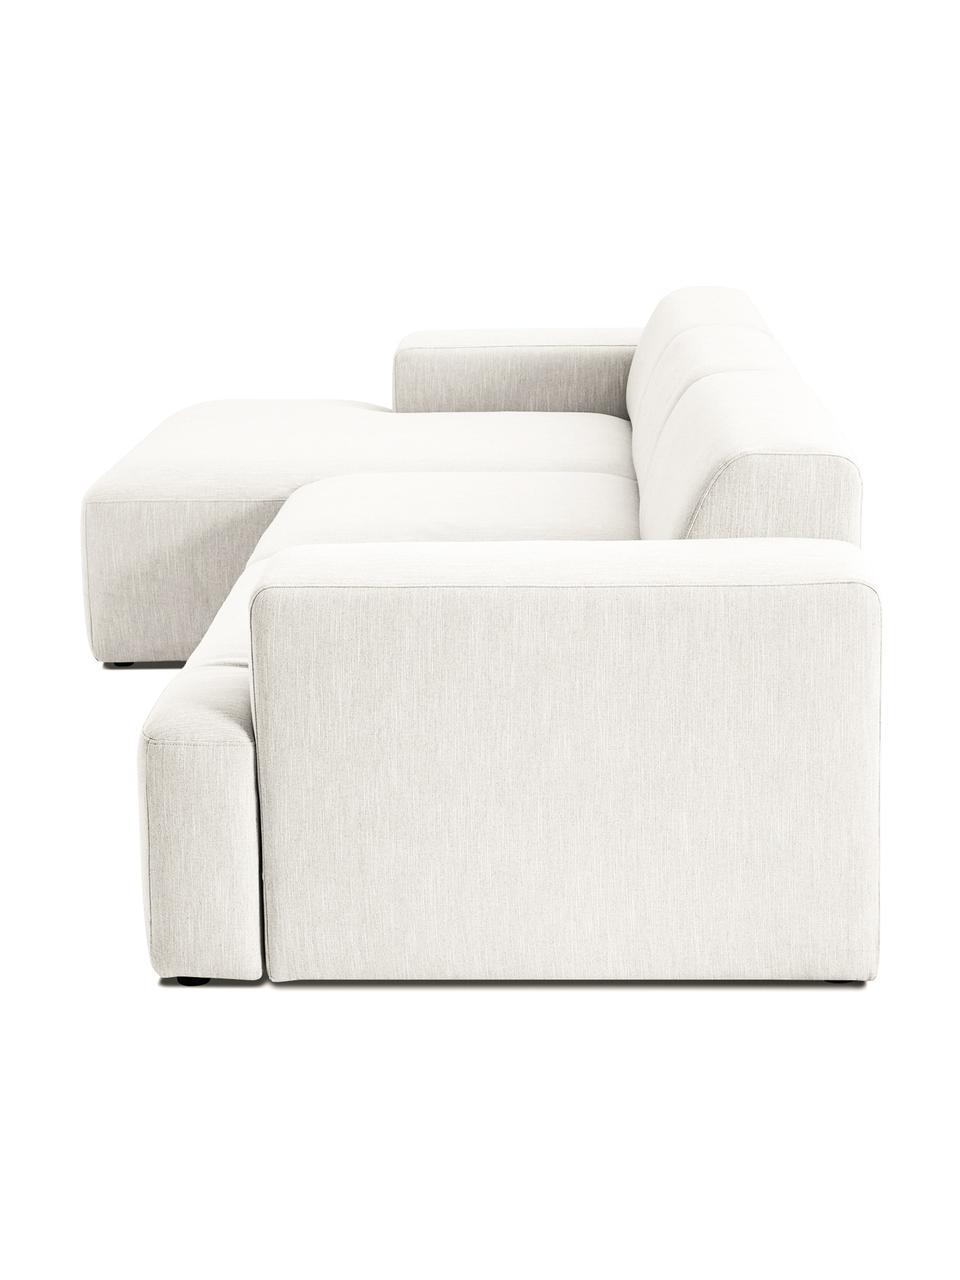 Ecksofa Melva (4-Sitzer) in Beige, Bezug: Polyester Der hochwertige, Gestell: Massives Kiefernholz, Spa, Webstoff Beige, B 319 x T 144 cm